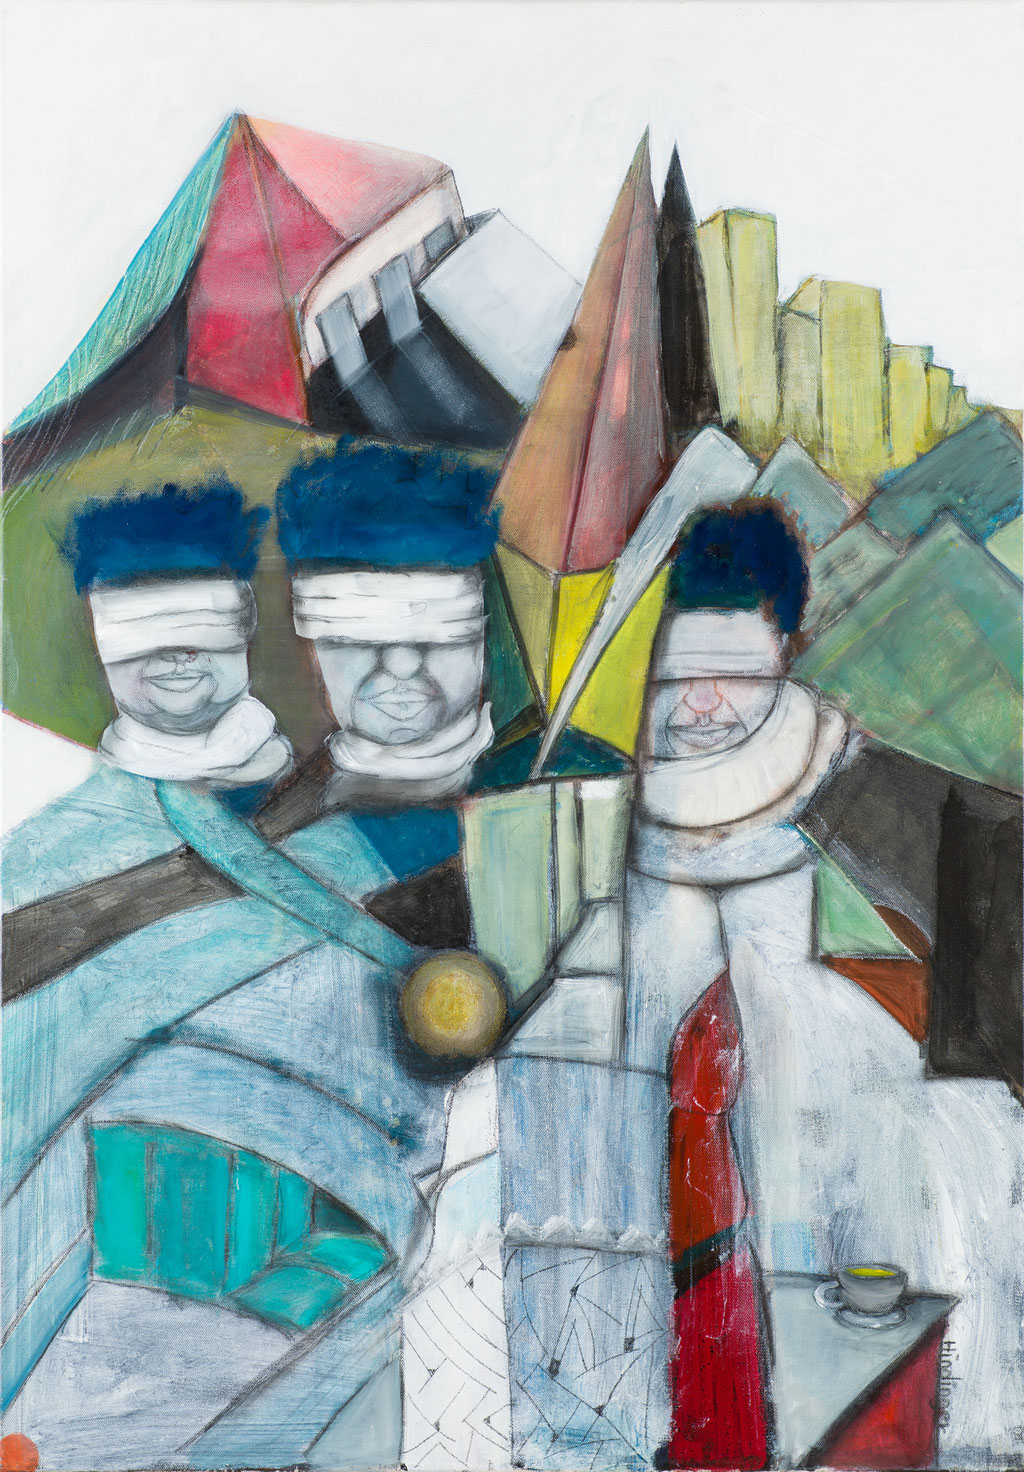 kontrollierte wachsamkeit - 70 x 100 cm, Acryl auf Leinwand